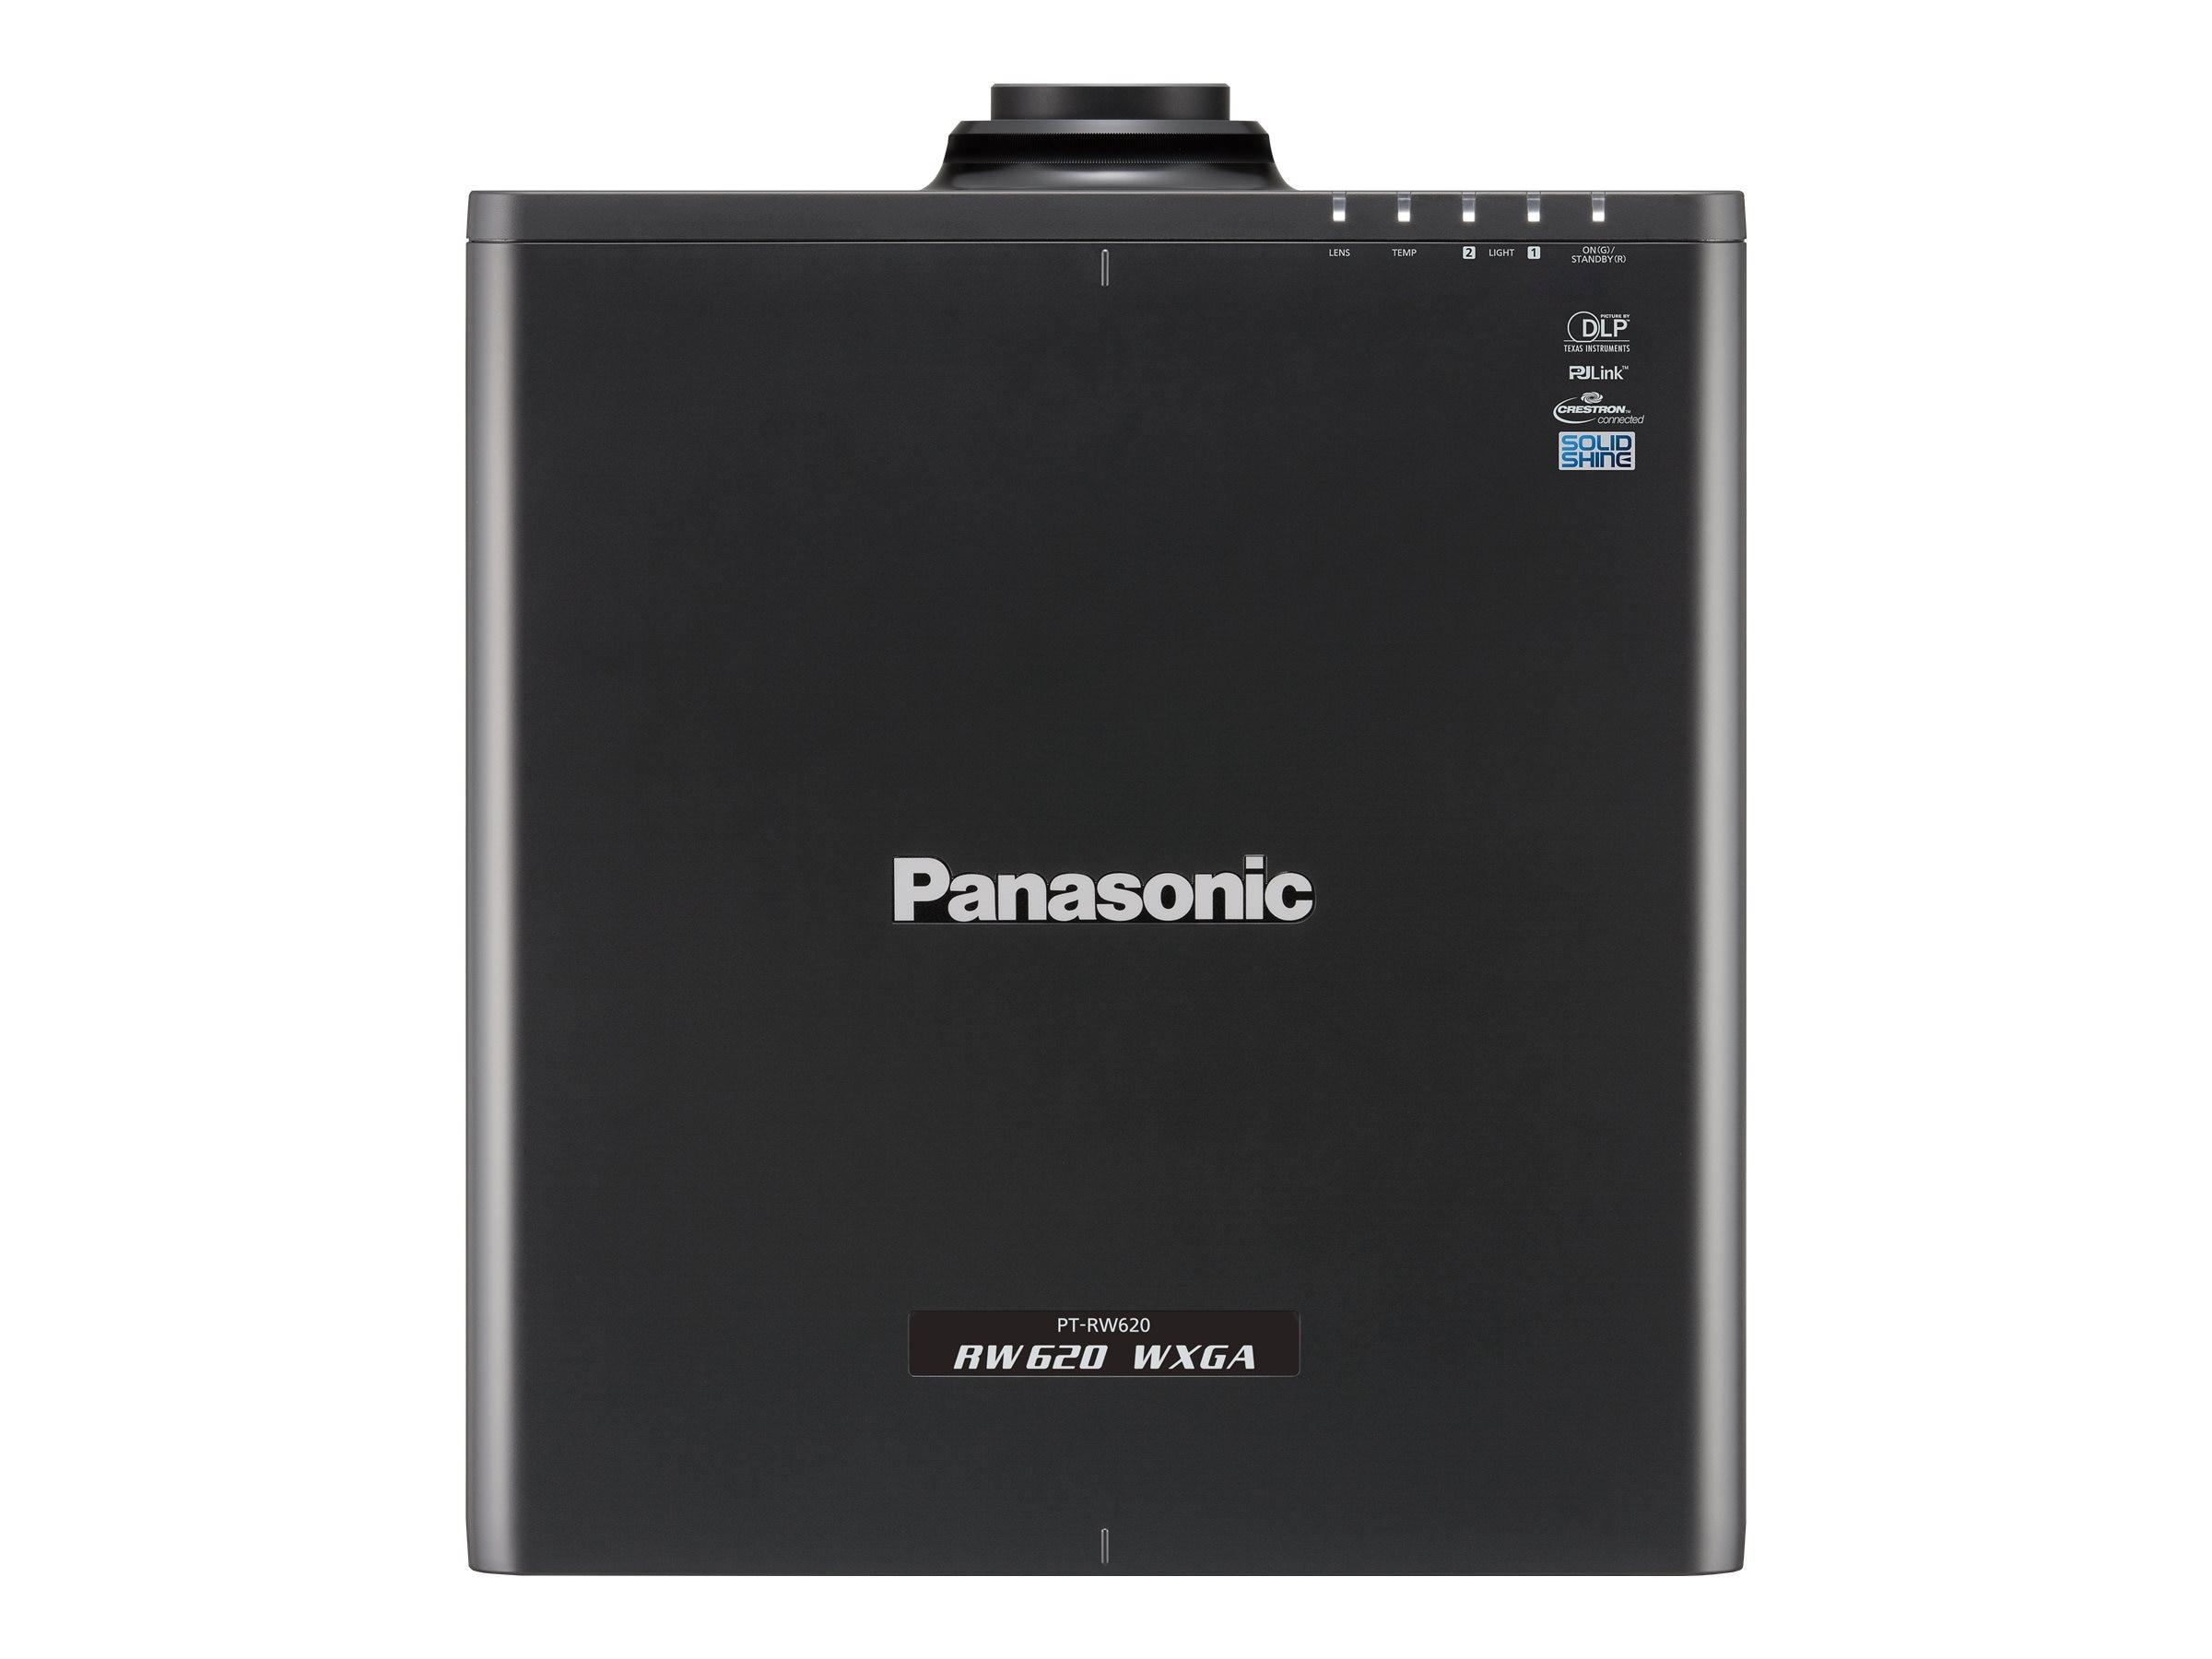 Panasonic PT-RW620LBU Image 4